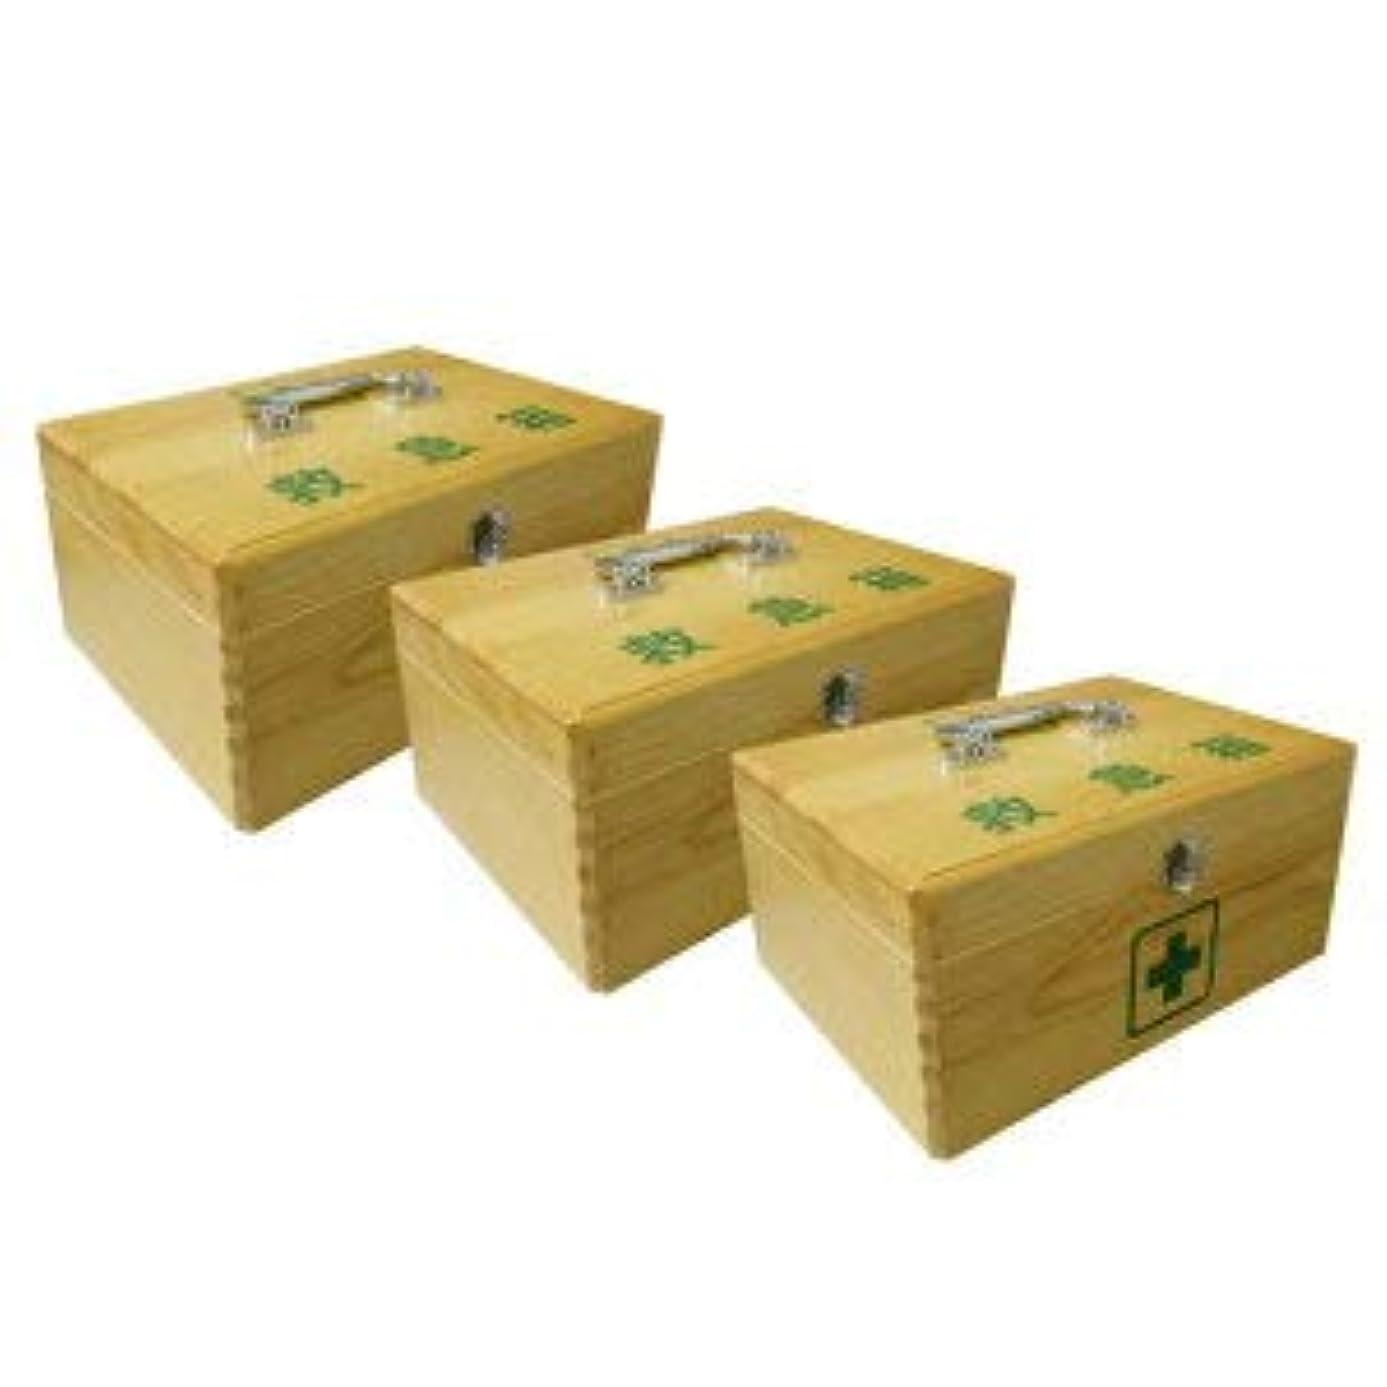 ピンダンプ雇用LE木製救急箱M(衛生材料セット付)×3セット